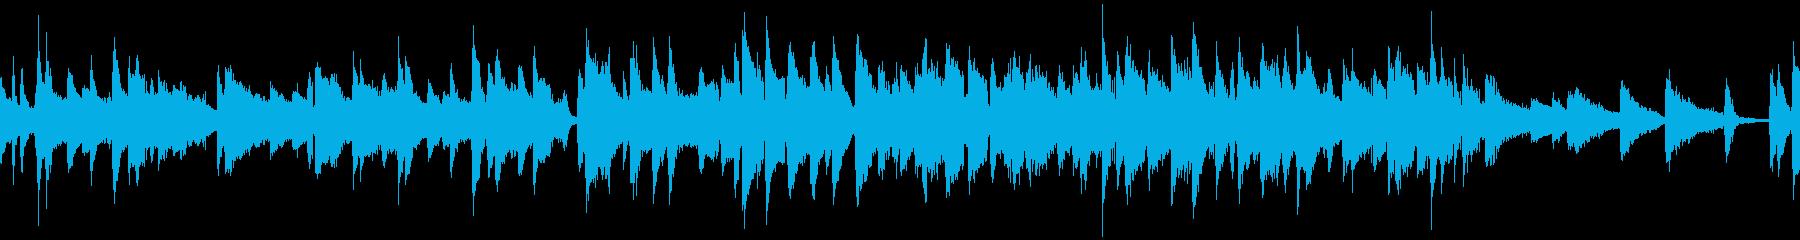 シンプルで明るいピアノジャズ曲:ループの再生済みの波形